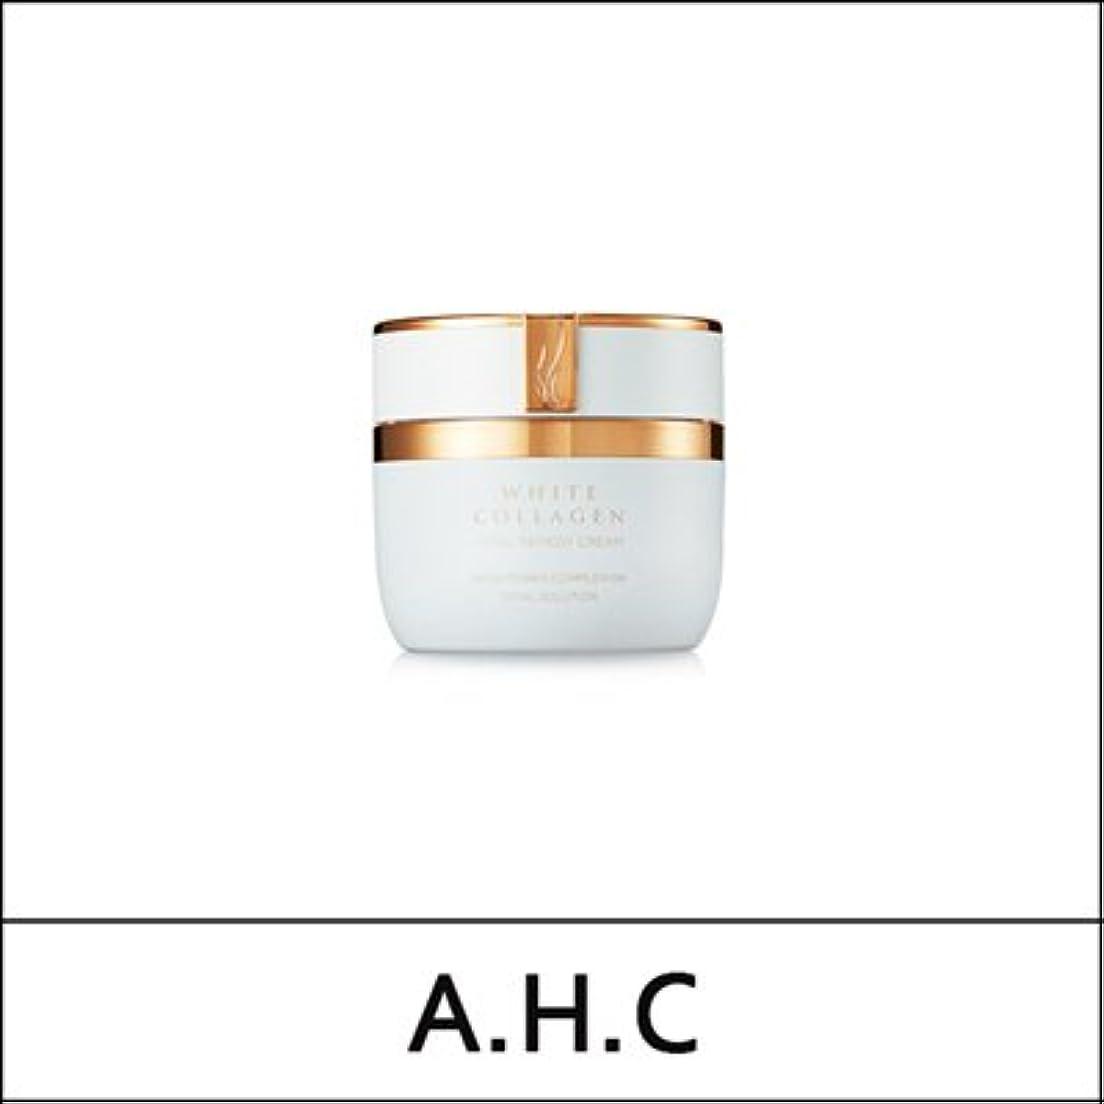 脚本がっかりした観客A.H.C (AHC) White Collagen Total Remedy Cream 50g/A.H.C ホワイト コラーゲン トータル レミディ クリーム 50g [並行輸入品]